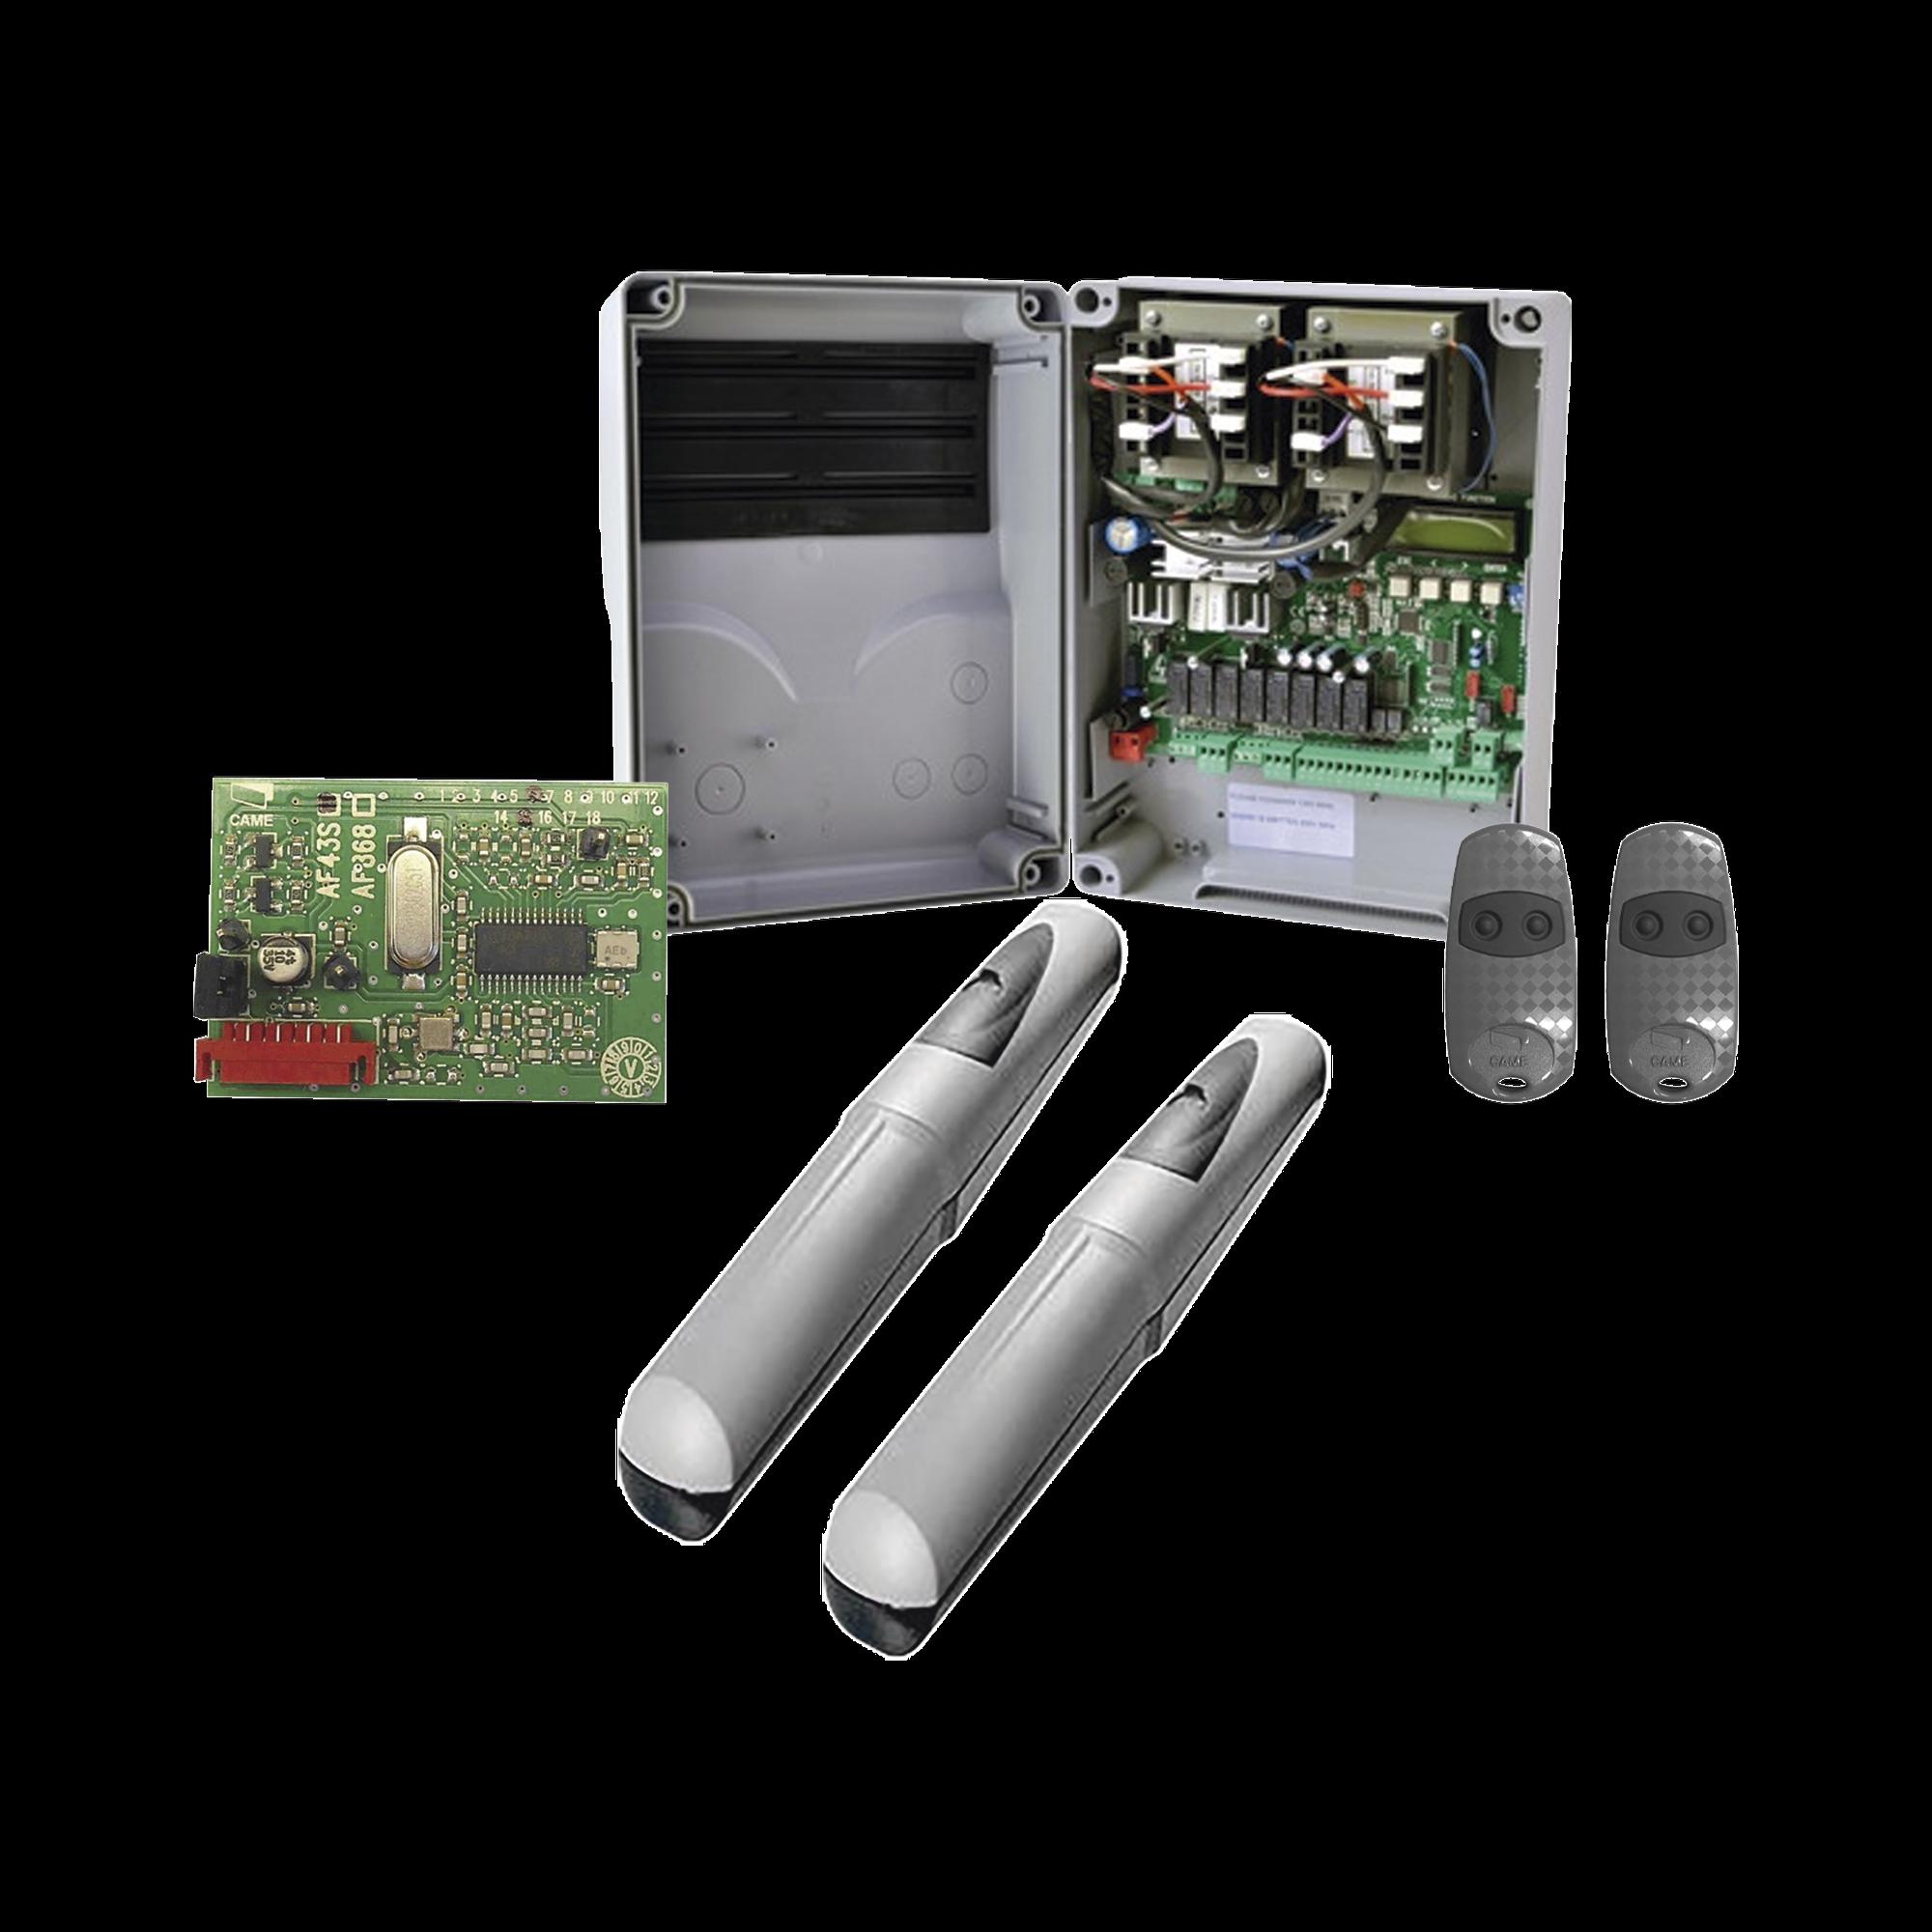 Kit de operadores AXO 3024 Para puertas Abatibles de hasta 3 Metros y 500 Kg de peso por hoja